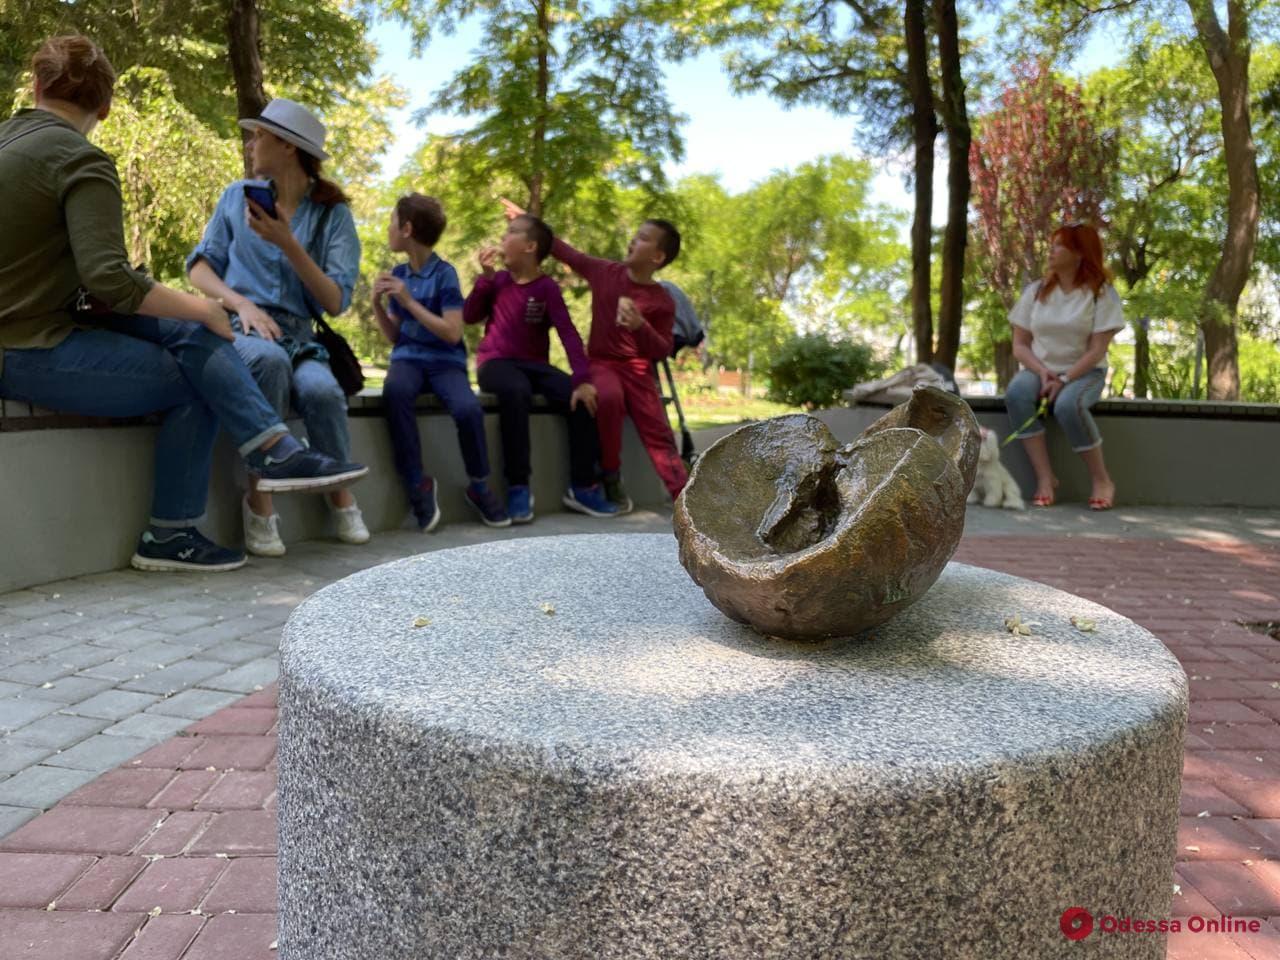 Скульптуры «Сада жизни» в Греческом парке передали под опеку мэрии